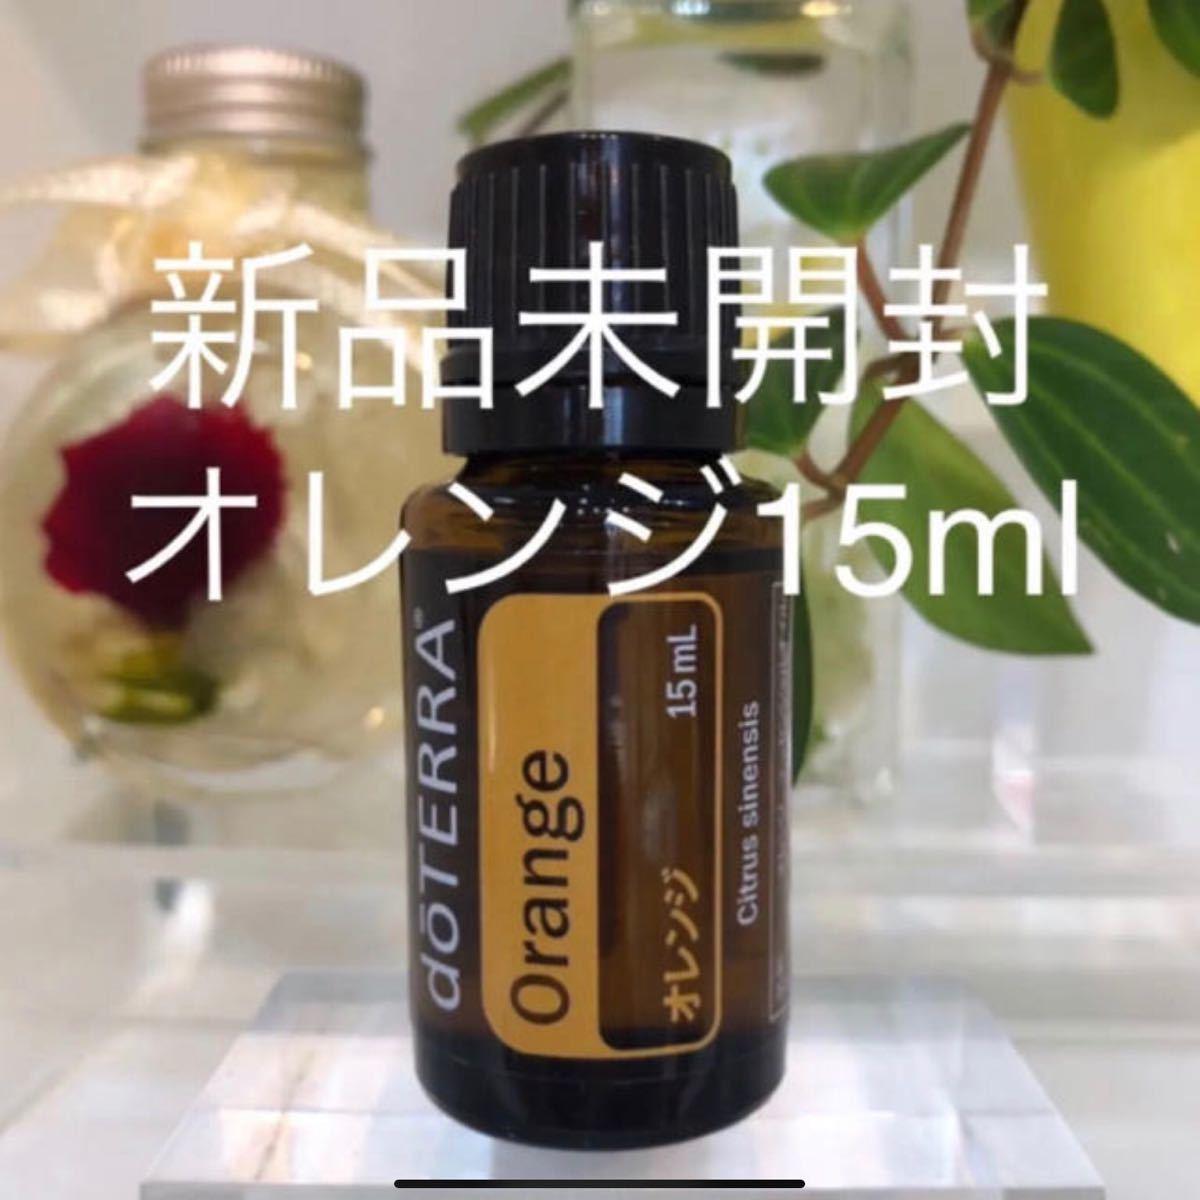 ドテラ オレンジ 15ml ★正規品★新品未開封★